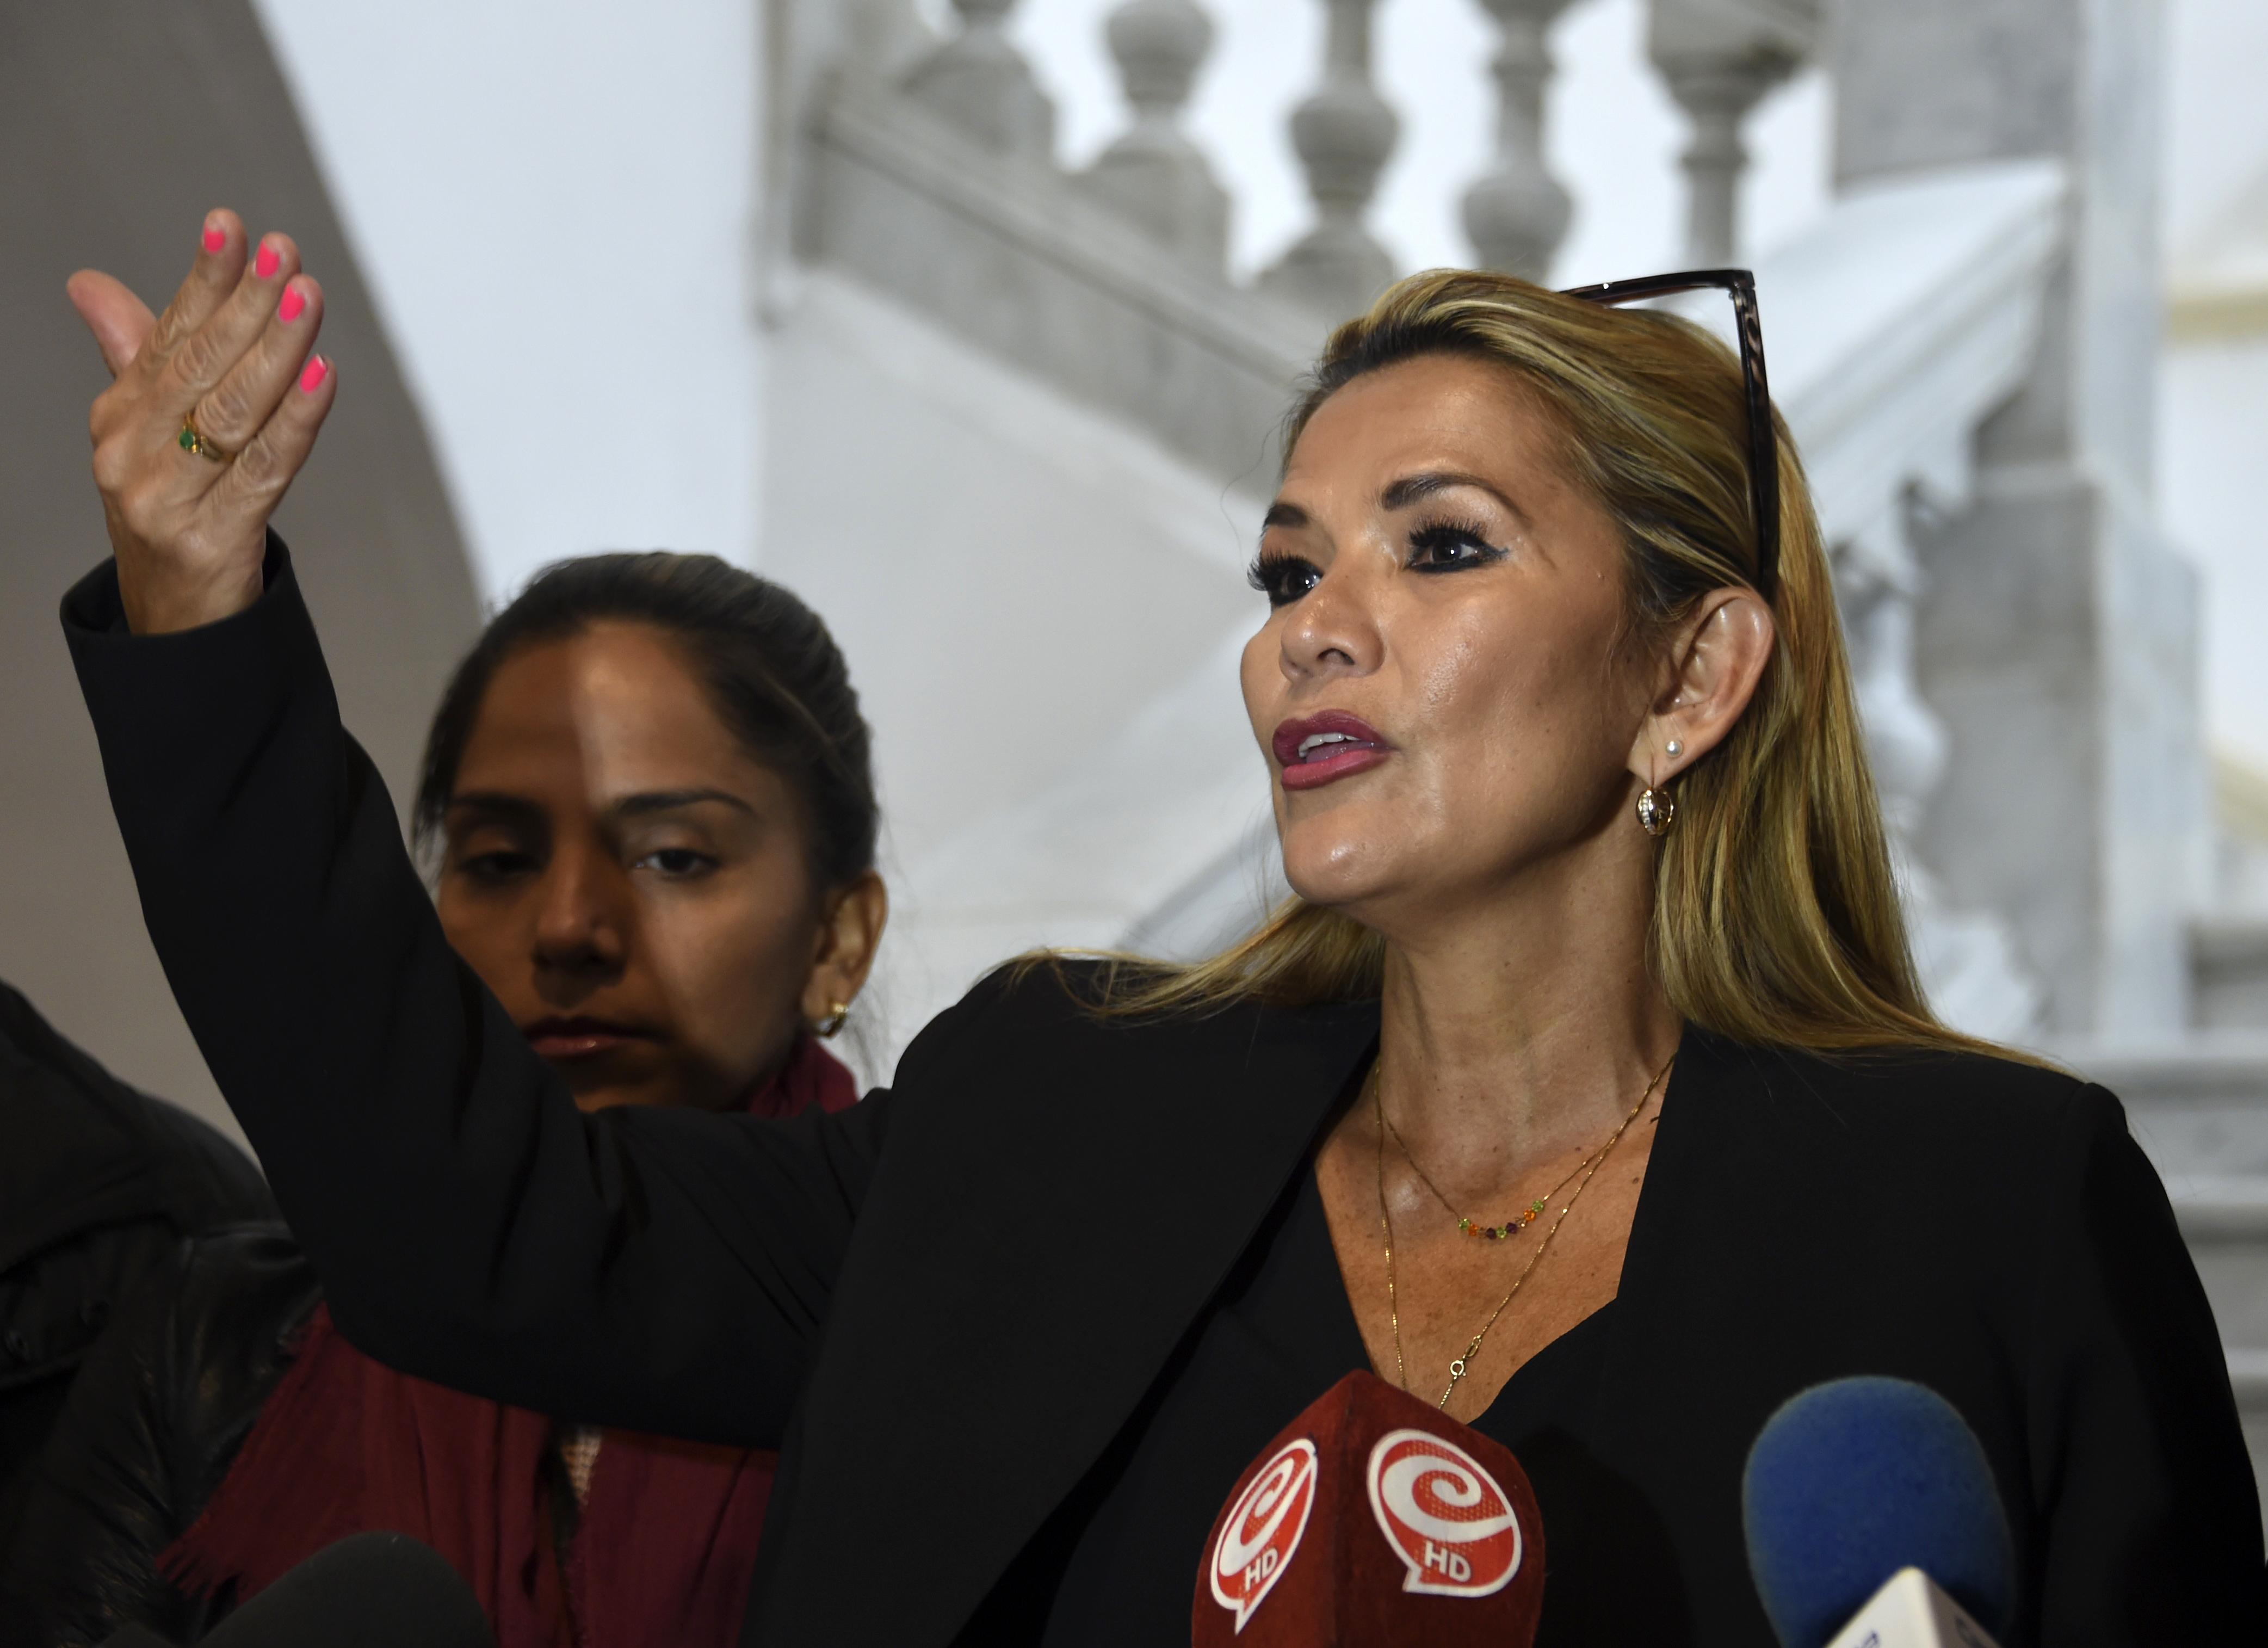 A senadora deve suceder a Morales como presidente interina, e prometeu convocar novas eleições para acabar com a crise política (Foto: AIZAR RALDES / AFP)